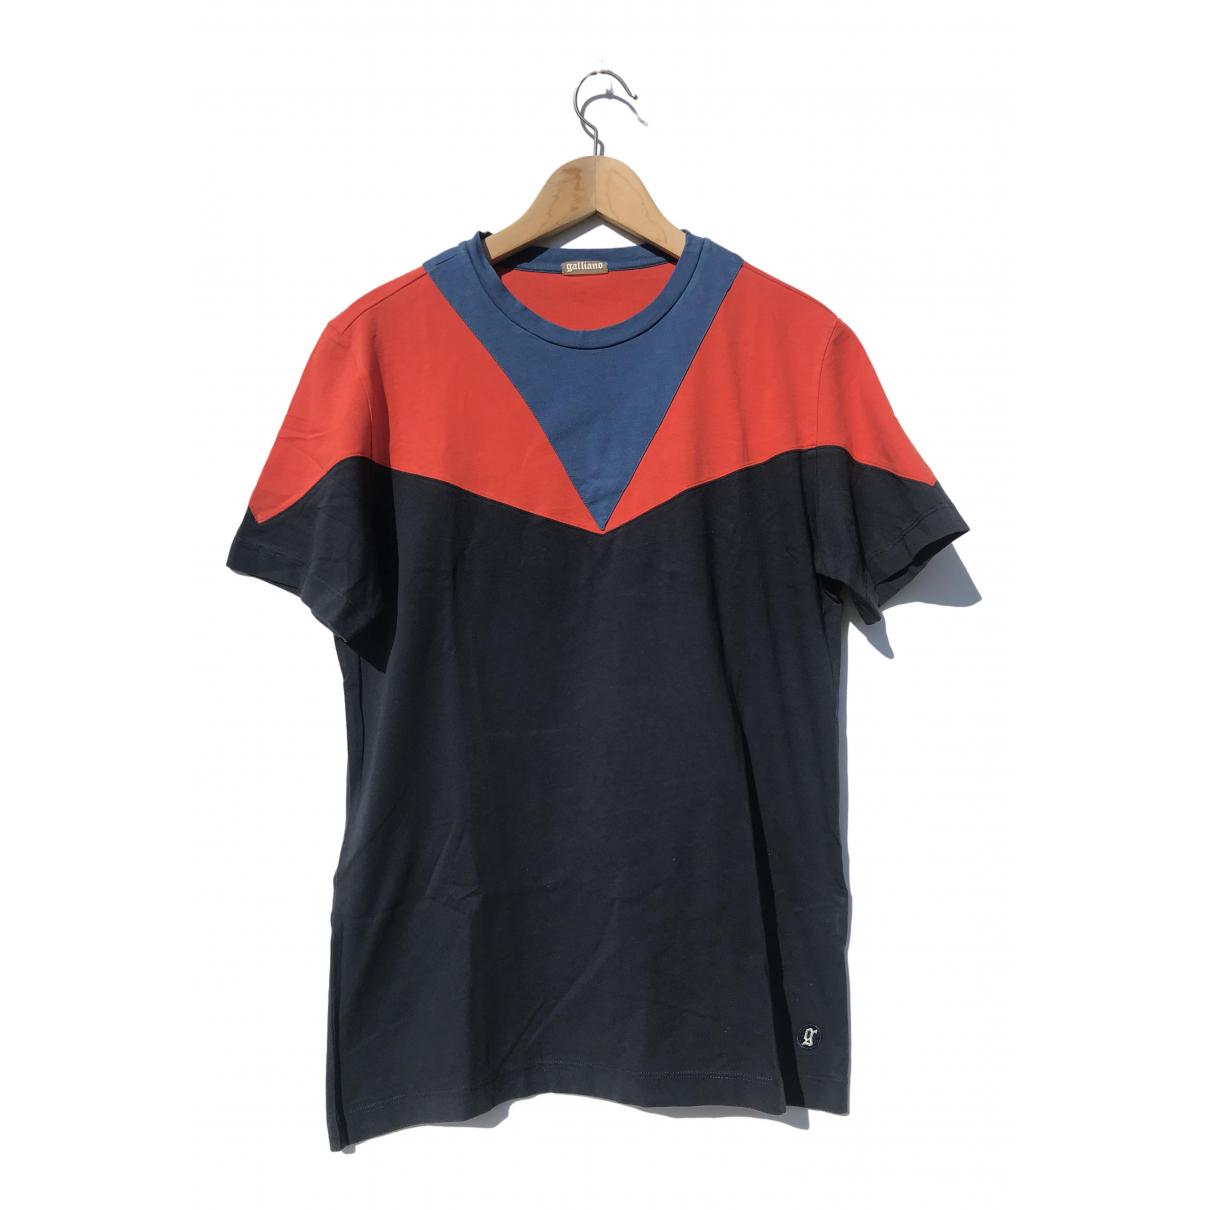 Galliano - Tee shirts   pour homme en coton - bleu